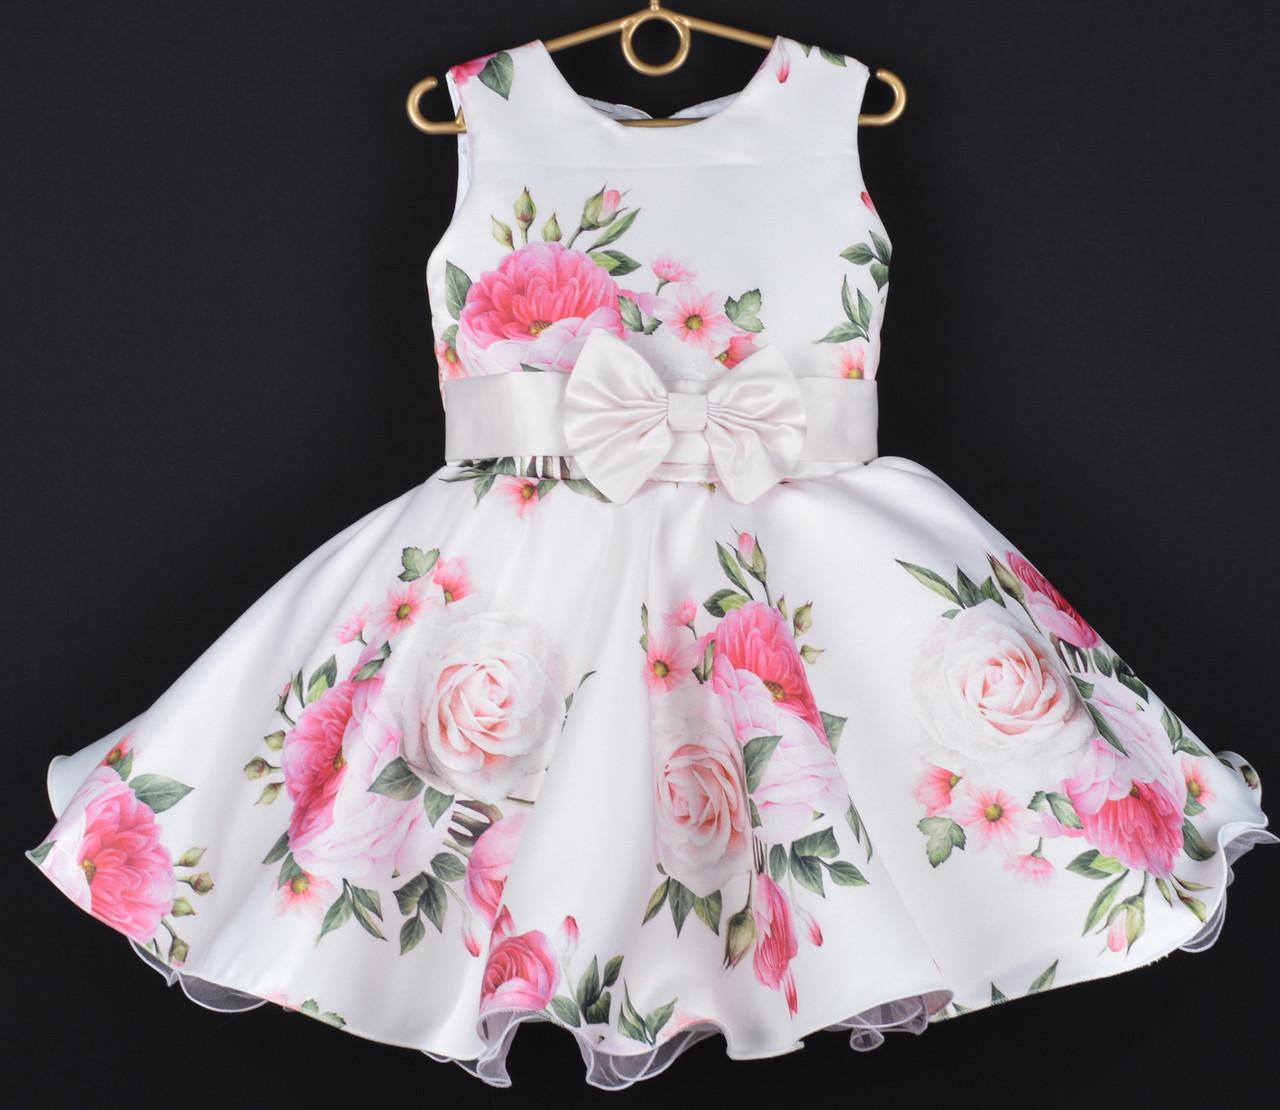 """Платье нарядное детское """"Синтия"""" 6-7 лет. Пудровое с цветочным принтом. Оптом и в розницу"""